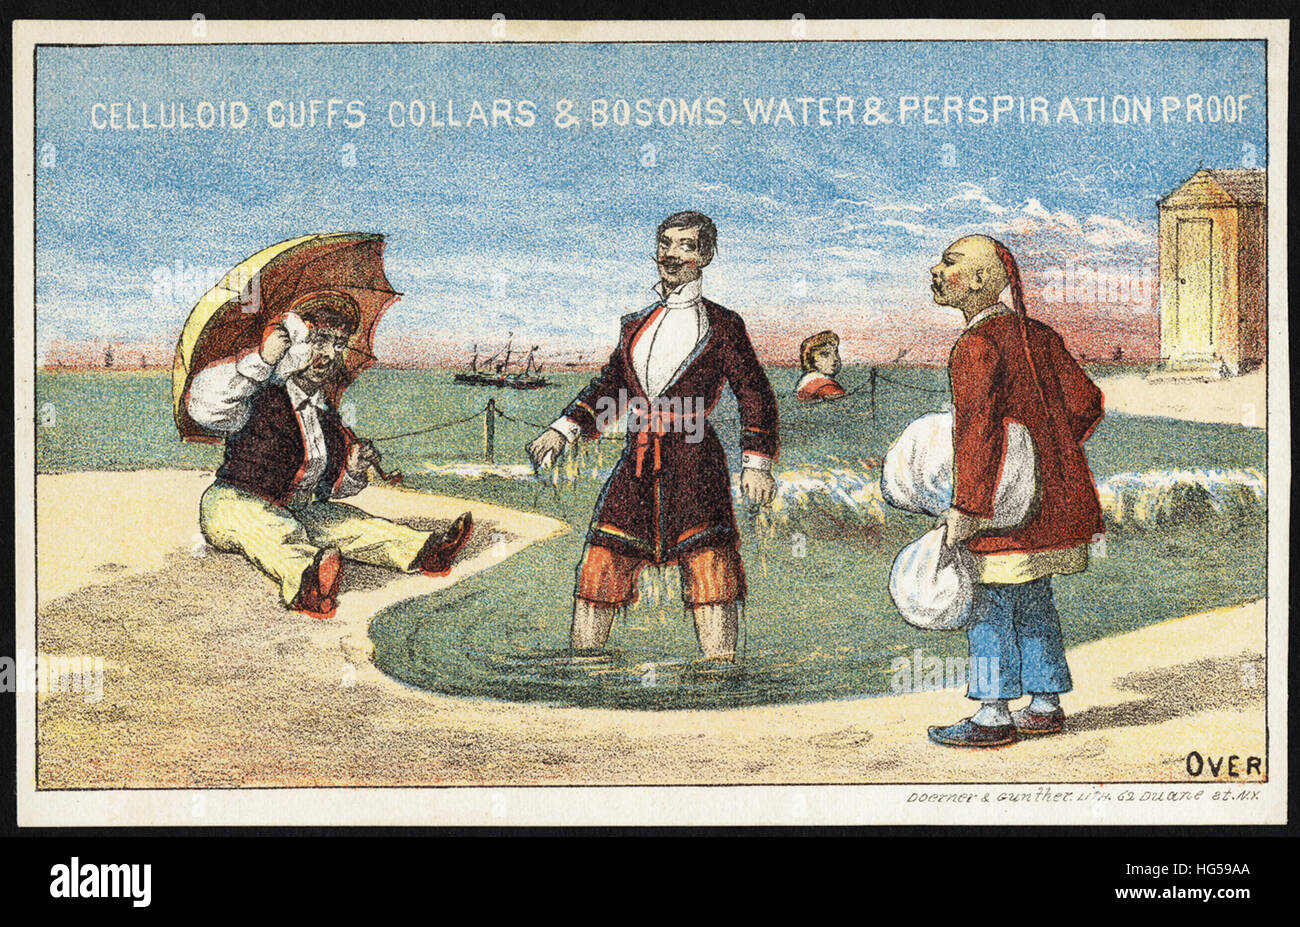 Las tarjetas comerciales de ropa - manguito de celuloide & Collares bosoms, agua y transpiración prueba Imagen De Stock